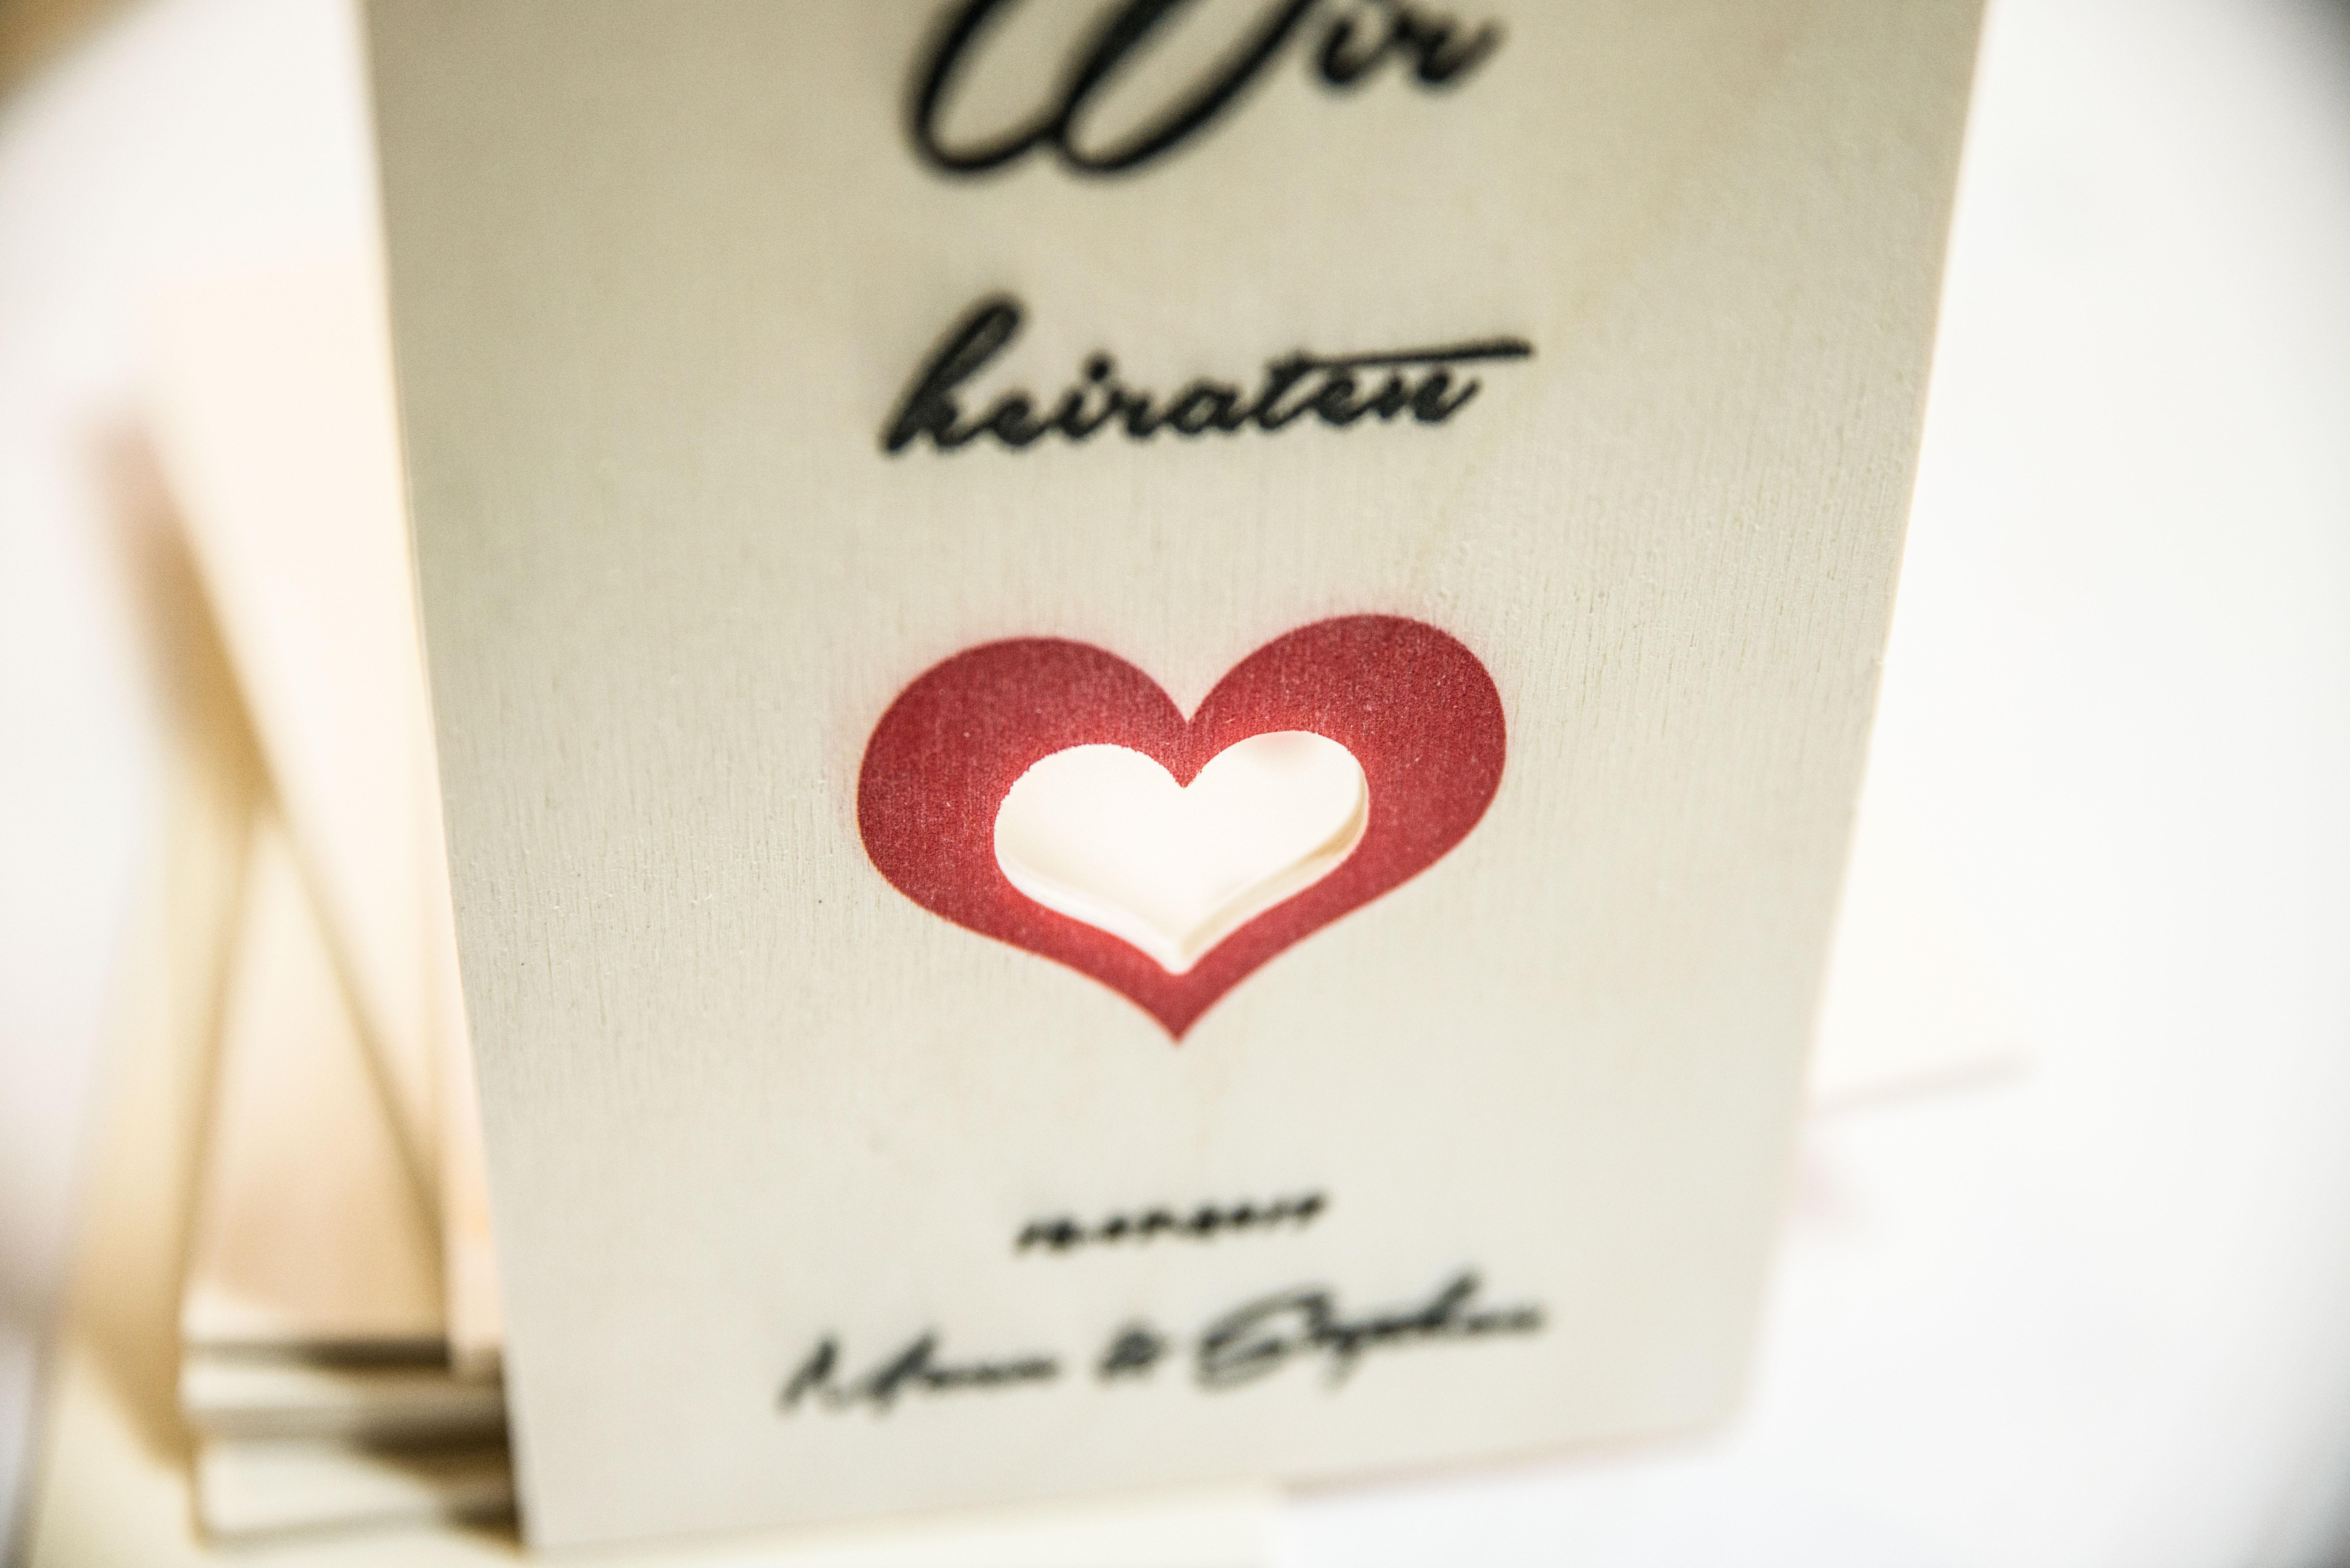 Holzpostkarte mit Kontur